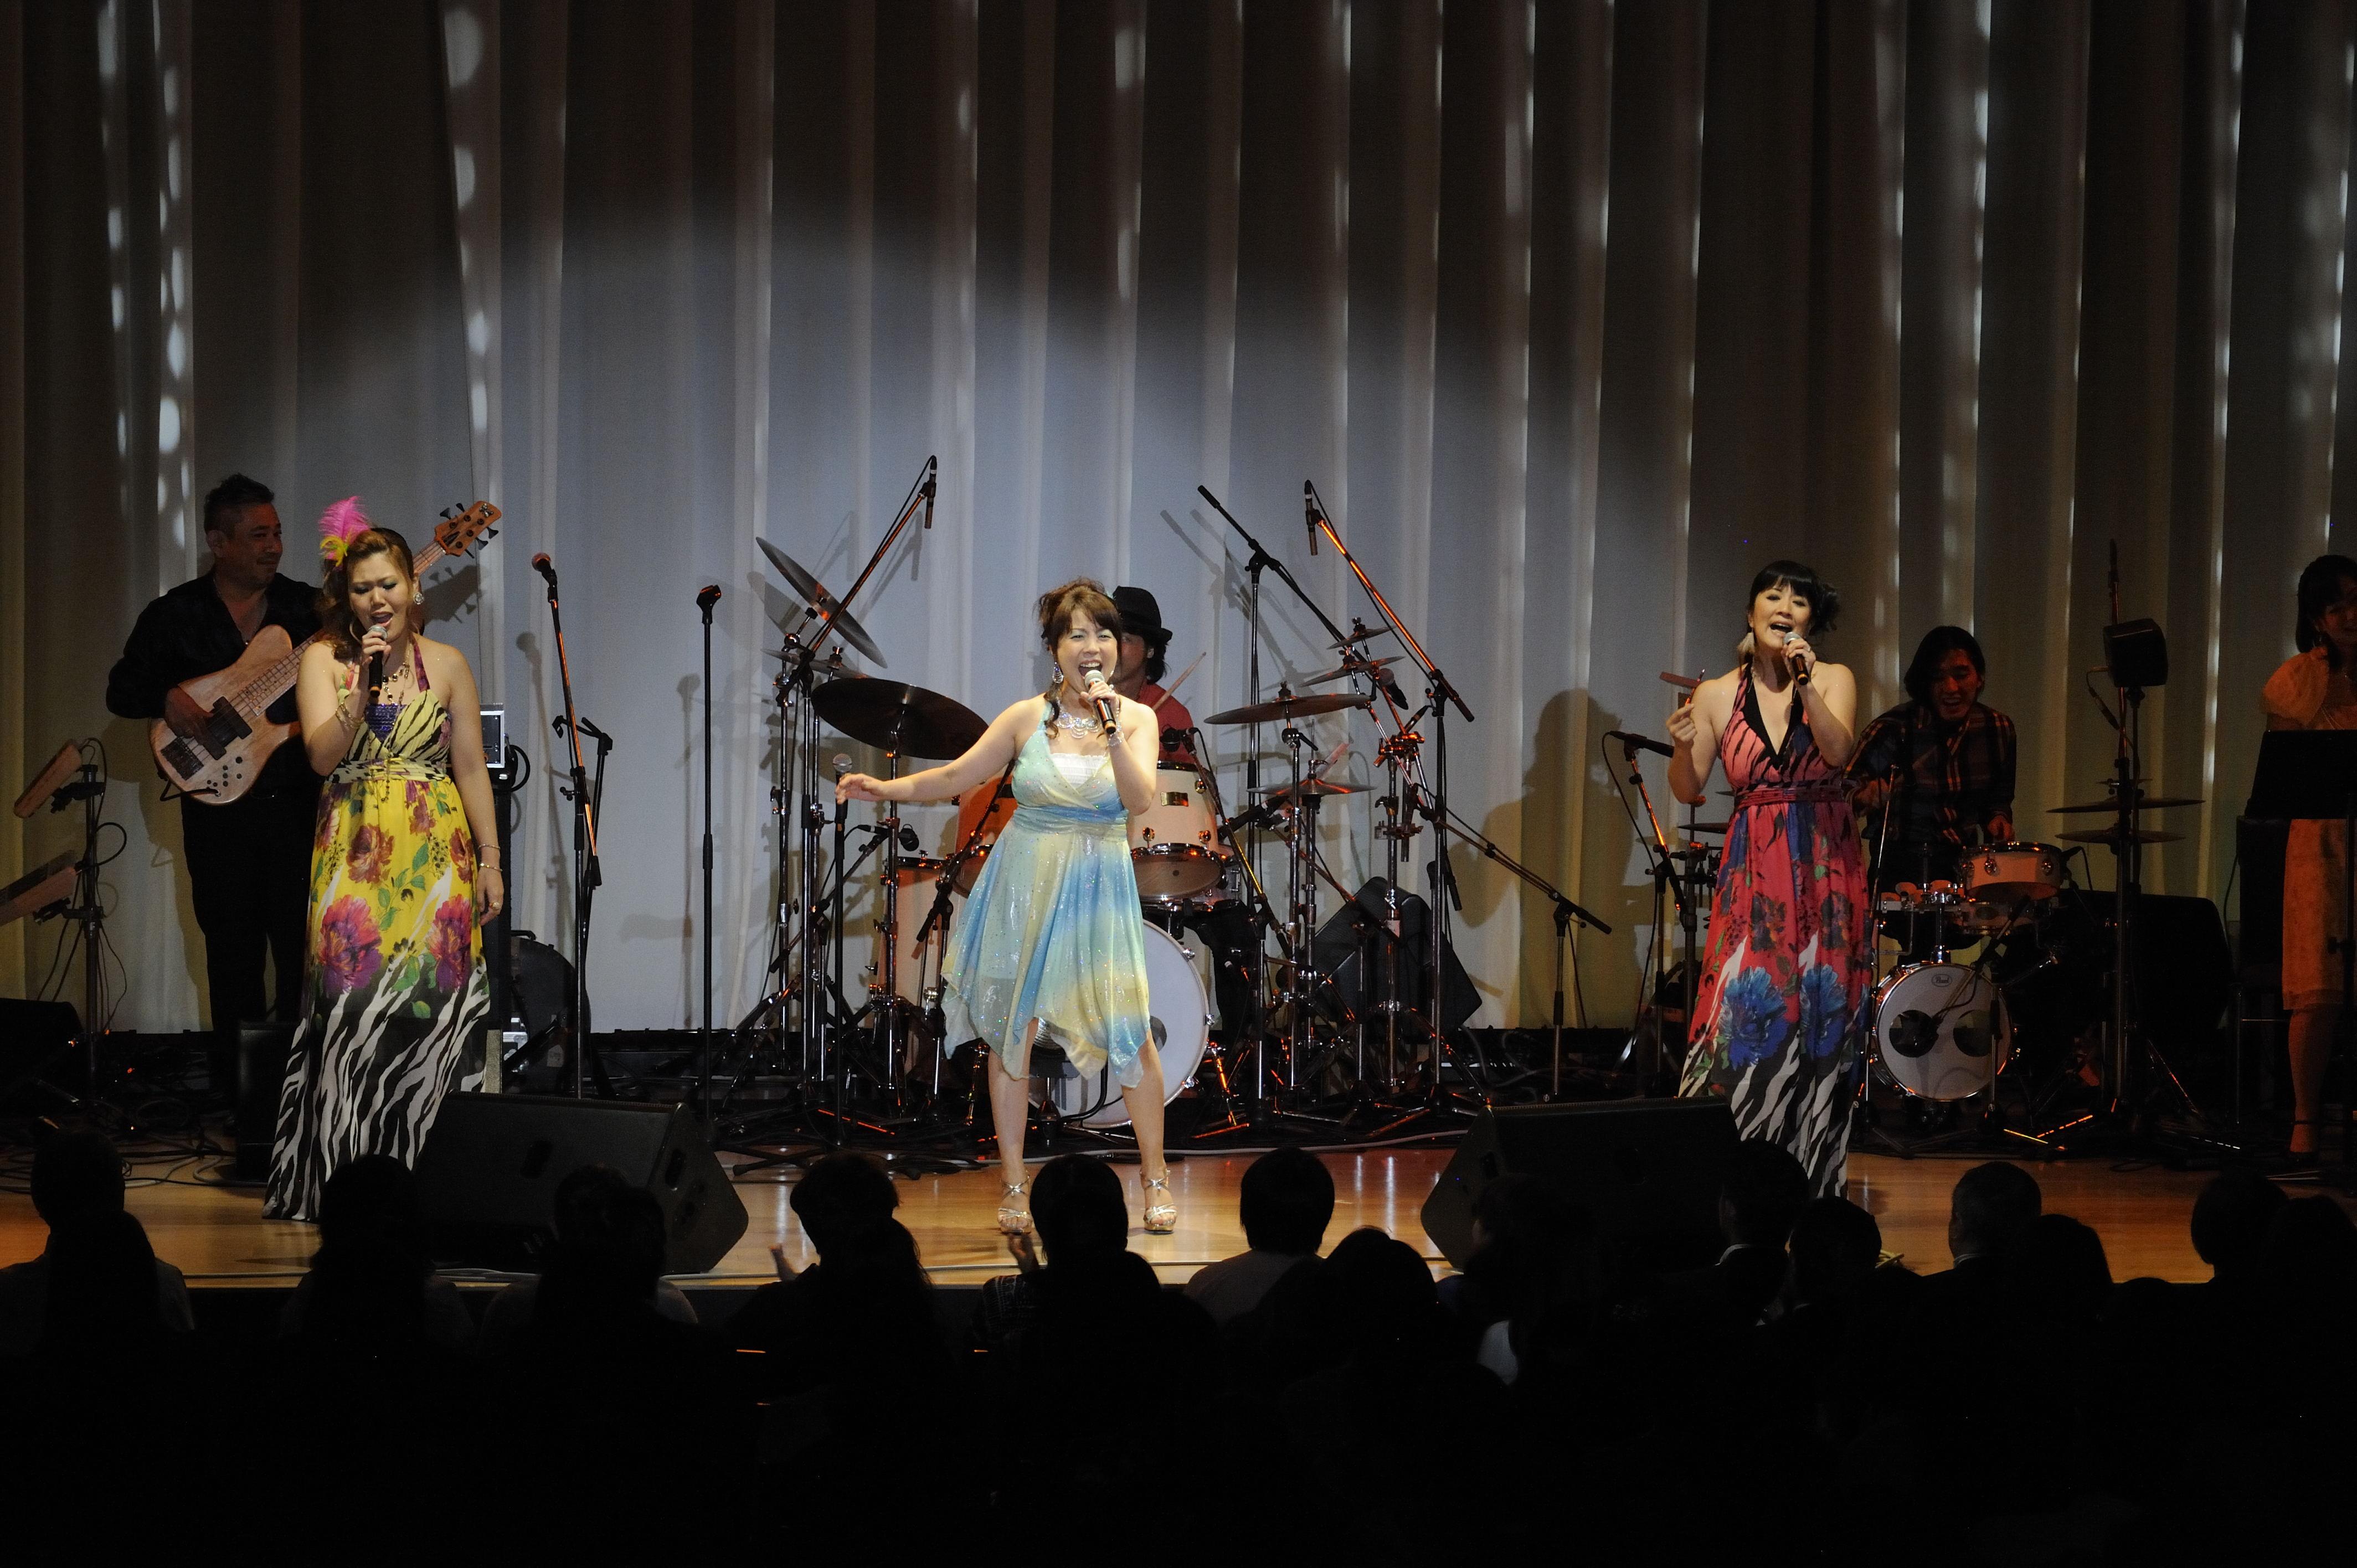 深山健太郎& Friends featuring 浅野孝已